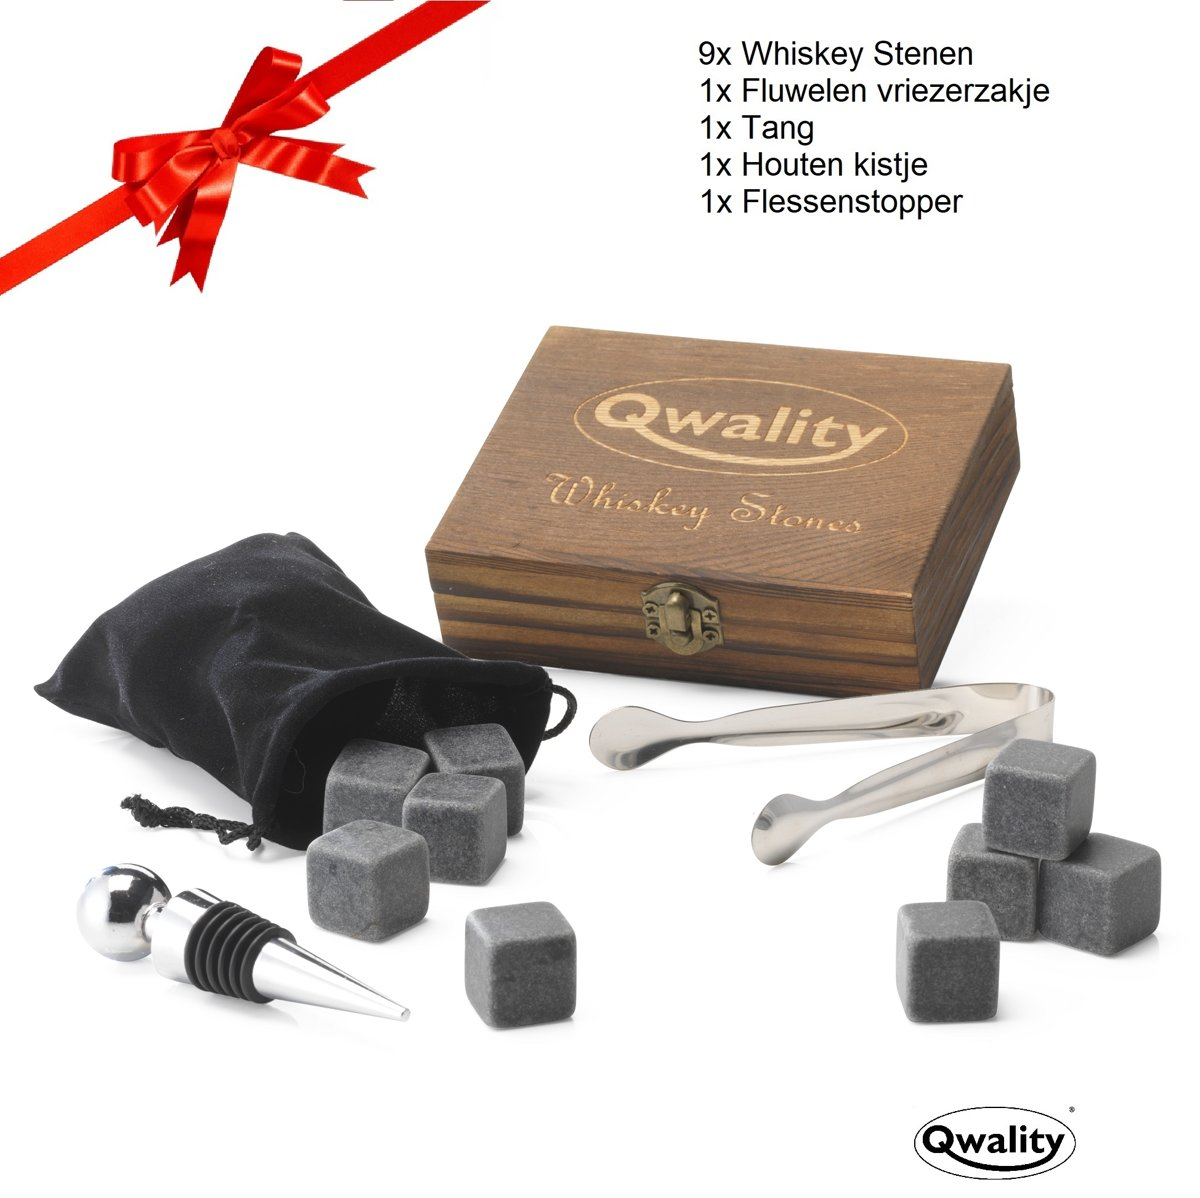 Whiskey Stones Set (9 Stuks) - Luxe Cadeau Set Whisky Stenen - Herbruikbare ijsblokjes - 9 Whiskeystenen met tang & vriezerzakje - Qwality4u kopen